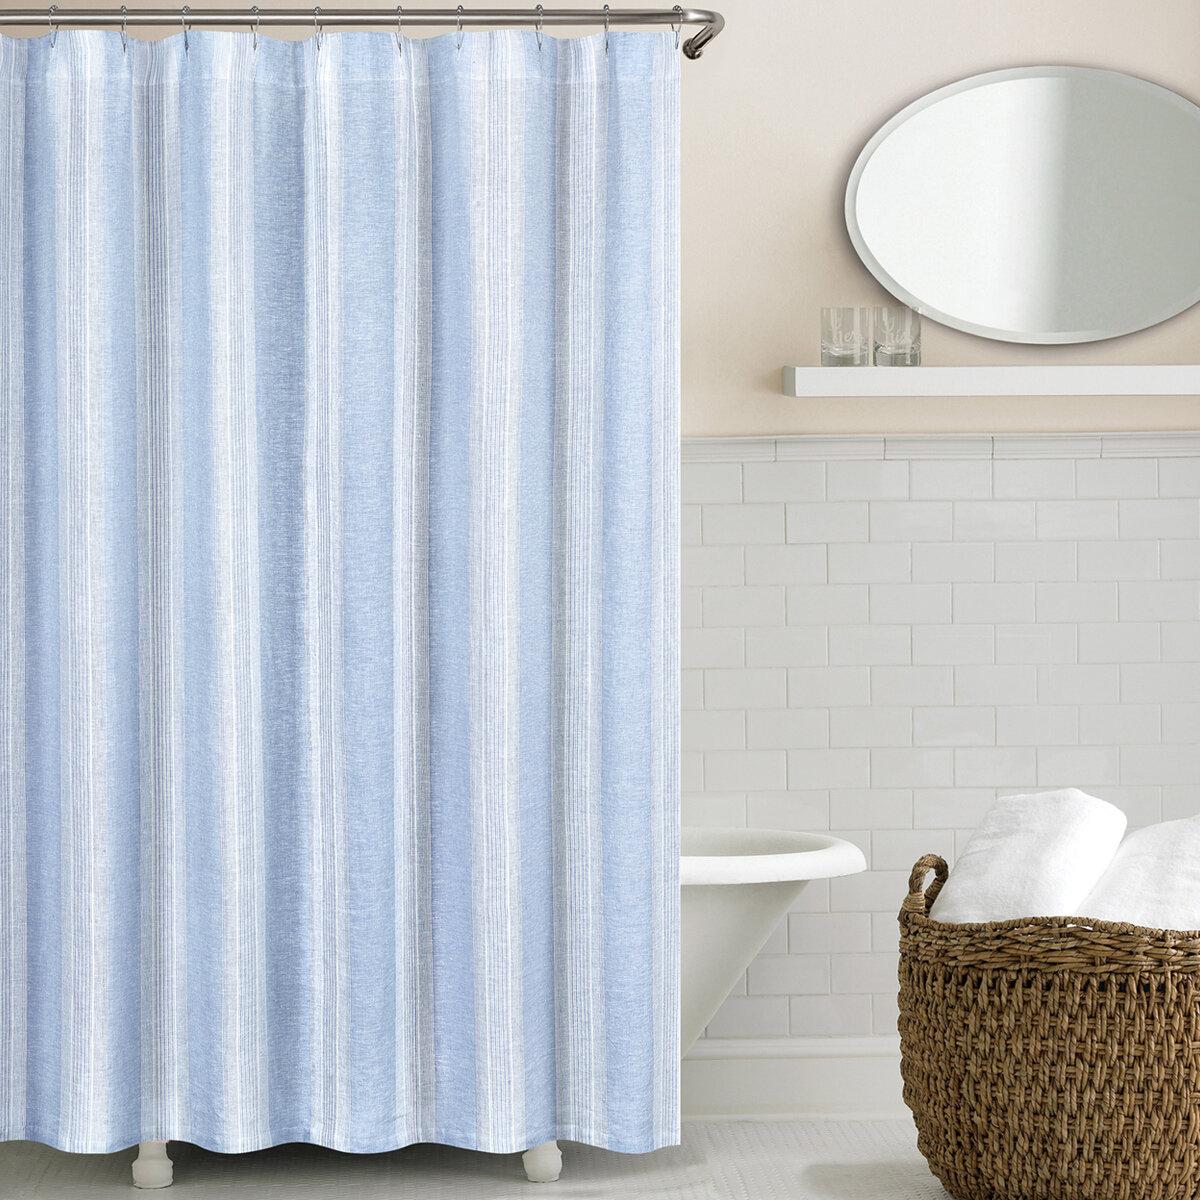 Blue Linen Shower Curtains You Ll Love In 2019 Wayfair